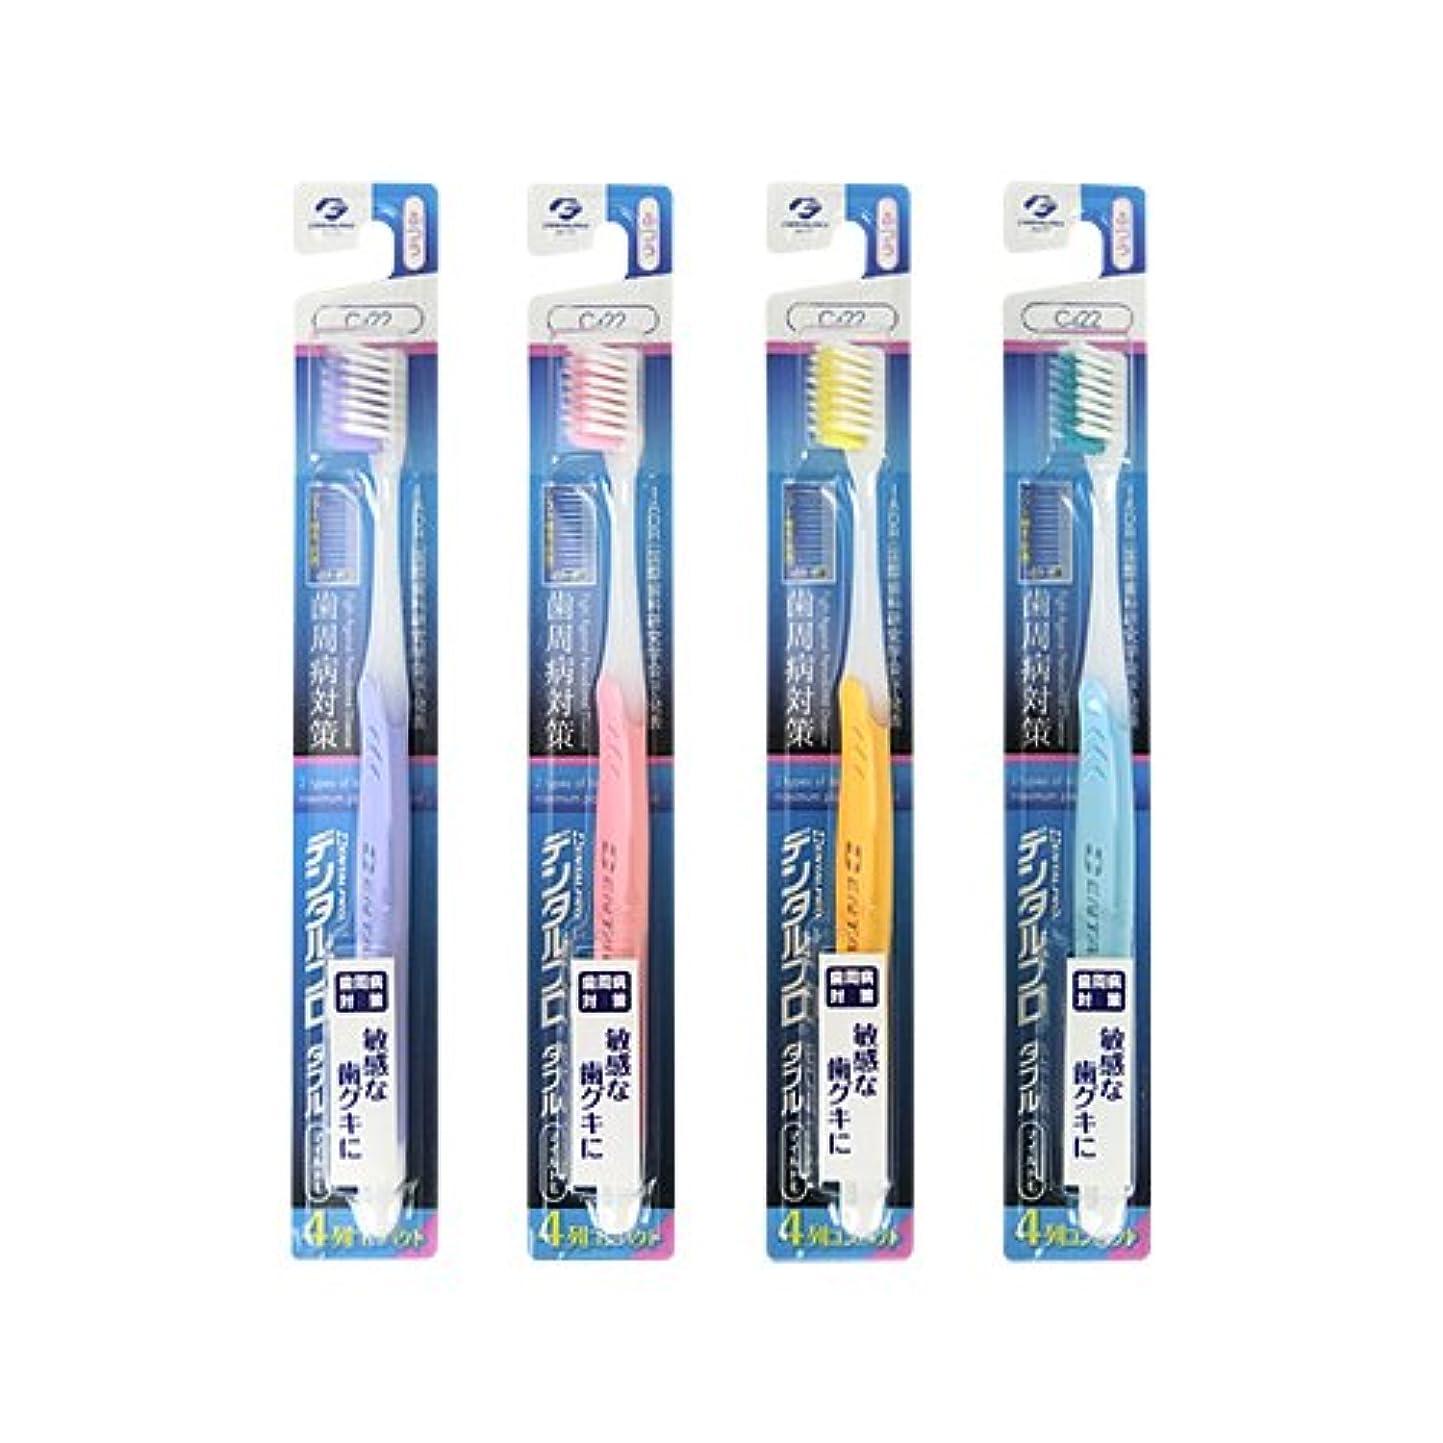 加速度良さステージデンタルプロ ダブル マイルド 4列 歯ブラシ 5本 (ふつう, 色はおまかせ)